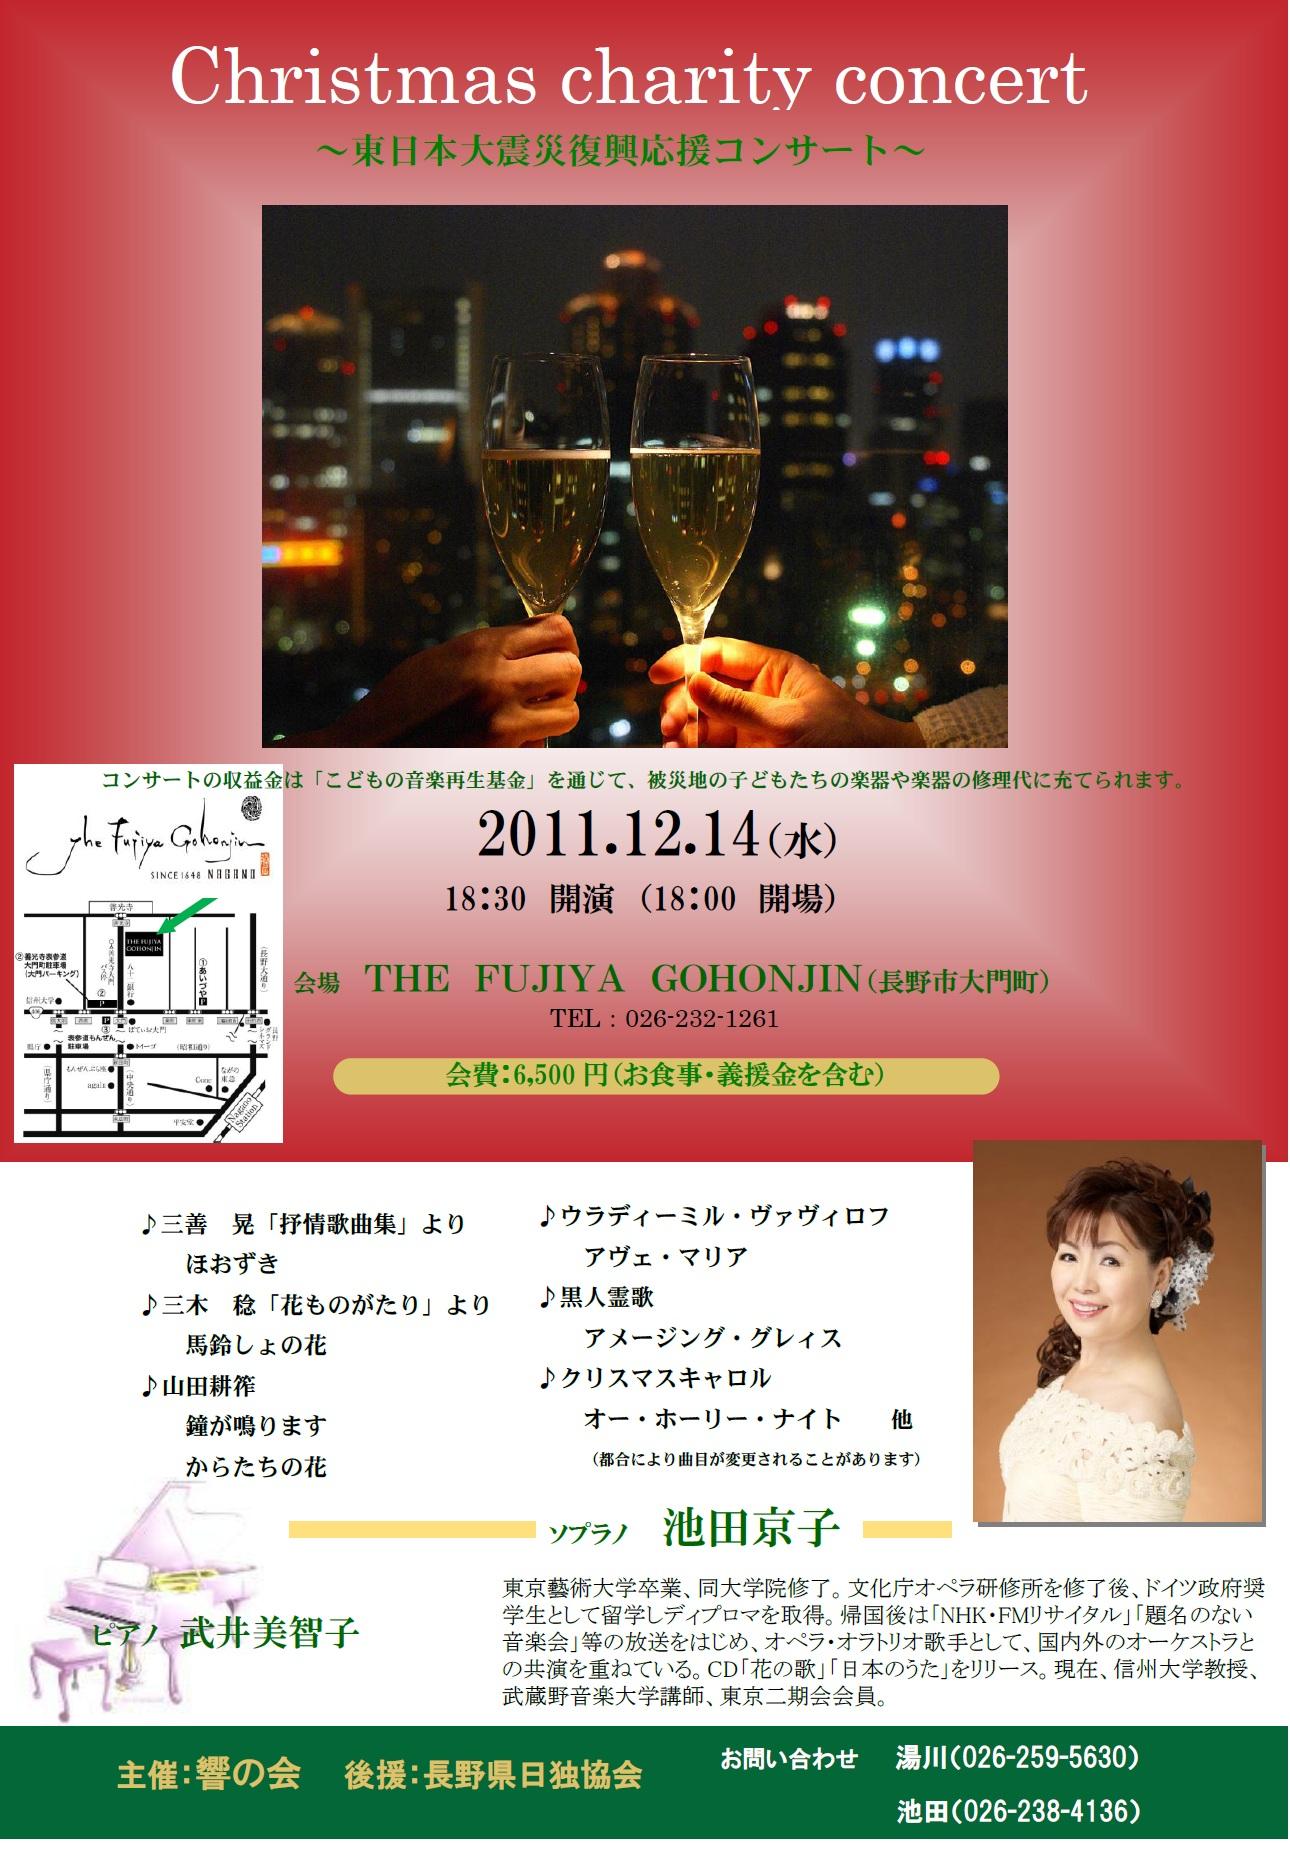 Christmas charity concert ~東日本大震災復興応援コンサート~